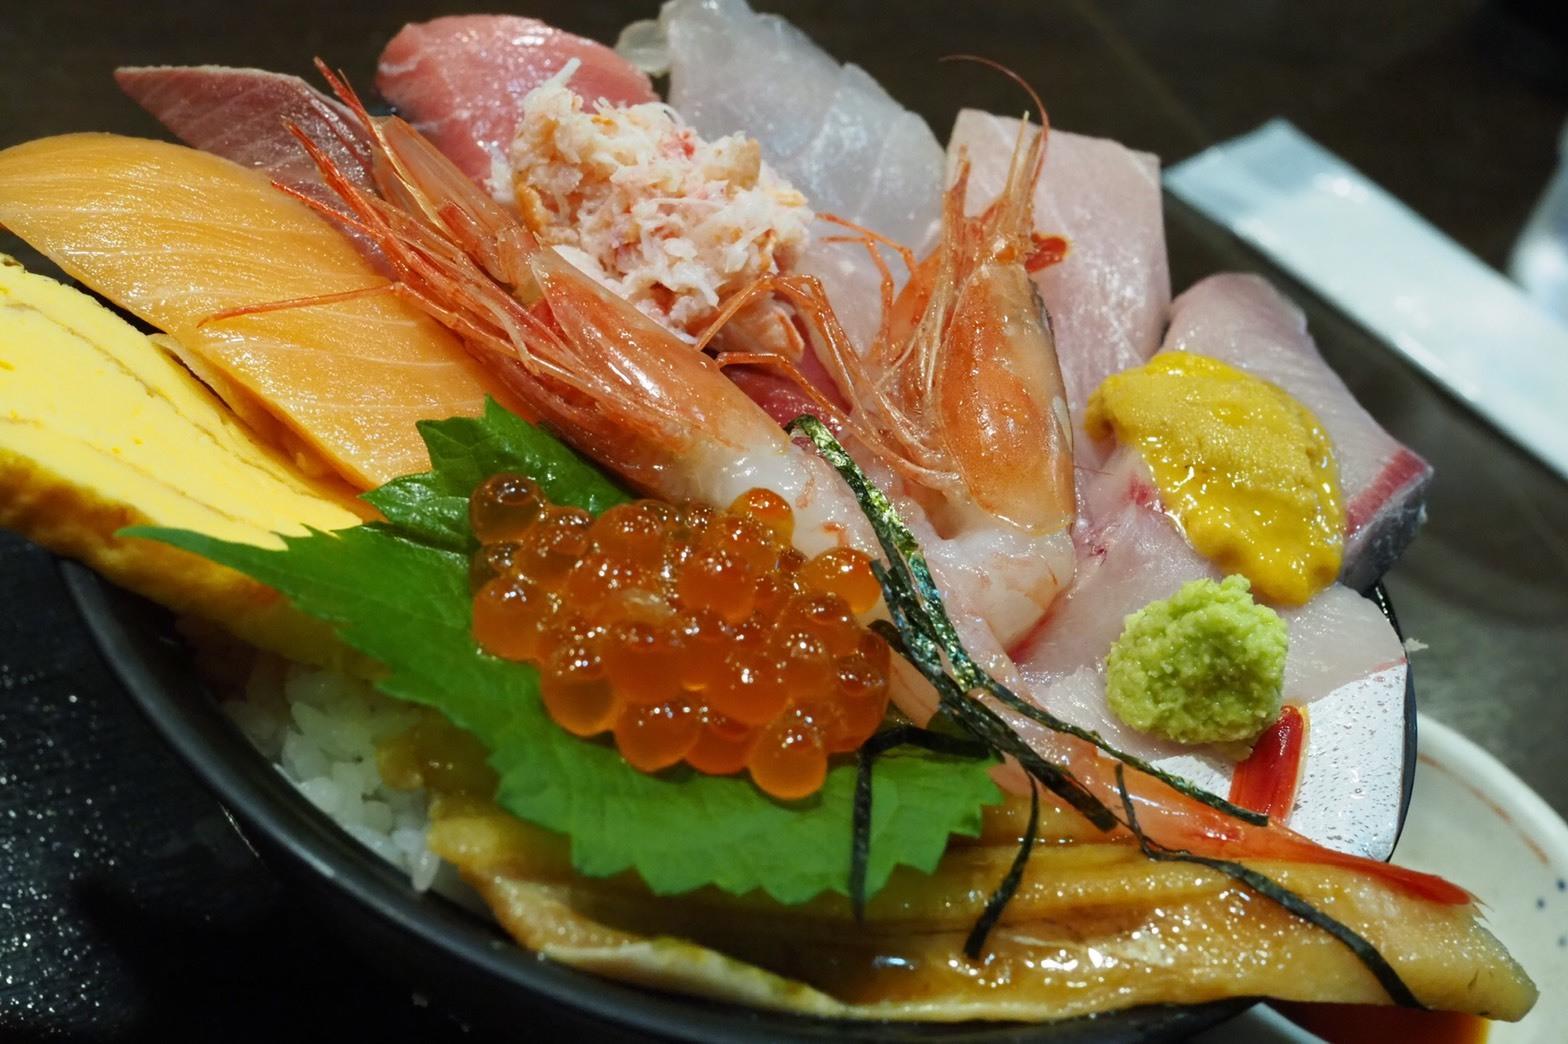 ぴーきちハーレーブログ 福井金沢ツーリング 近江町市場 海鮮丼